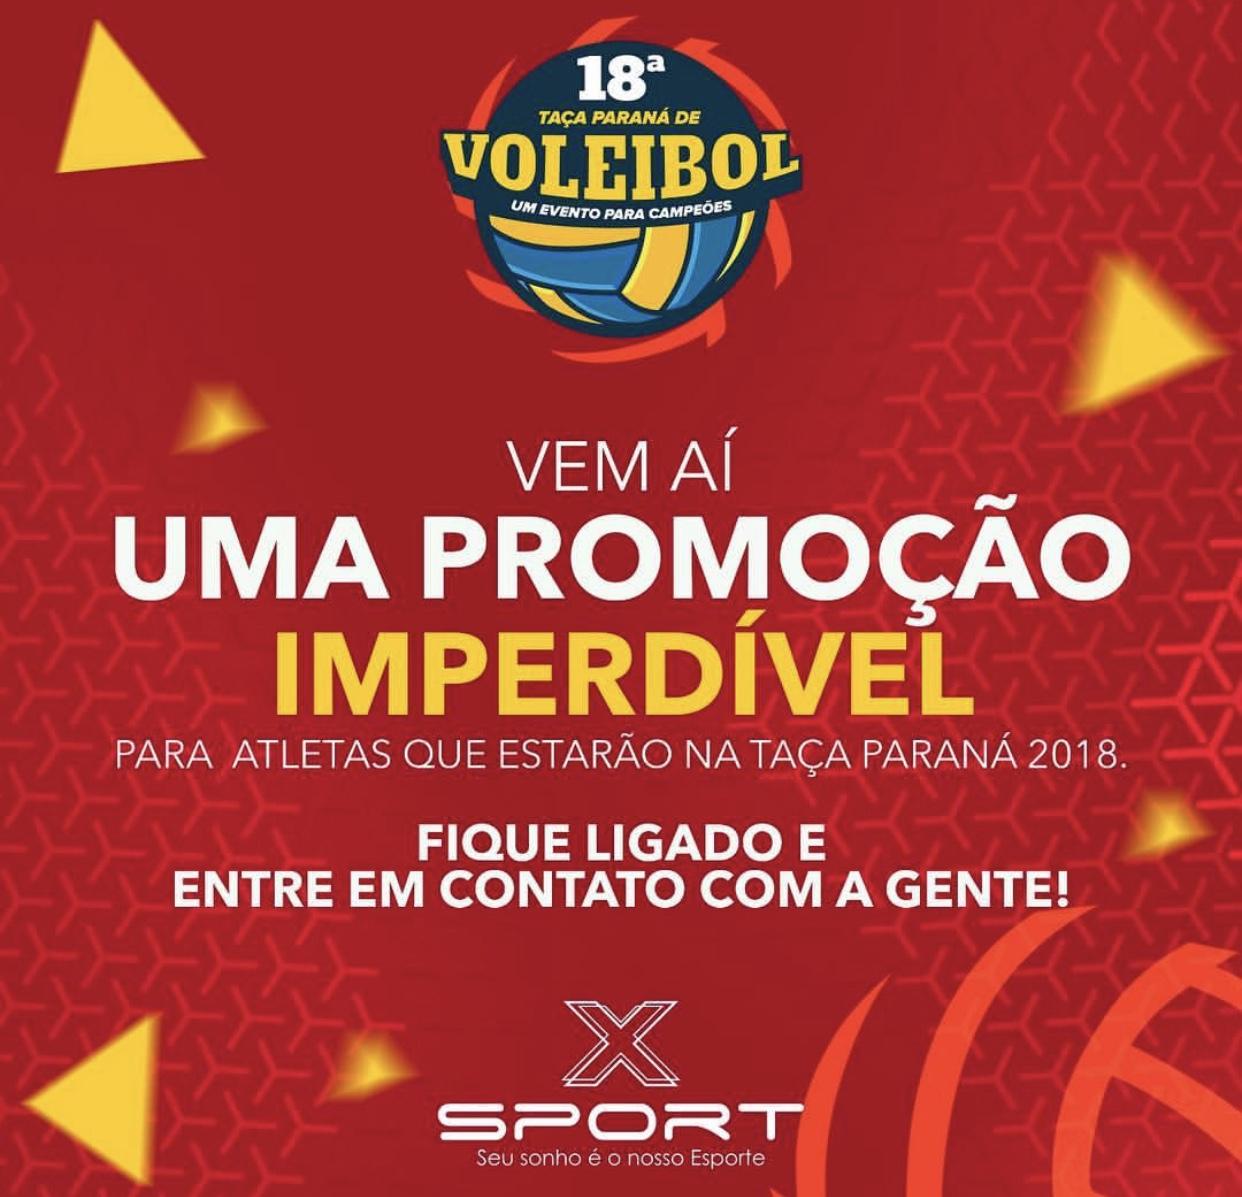 Atenção atletas que estarão na Taça Paraná 2018.